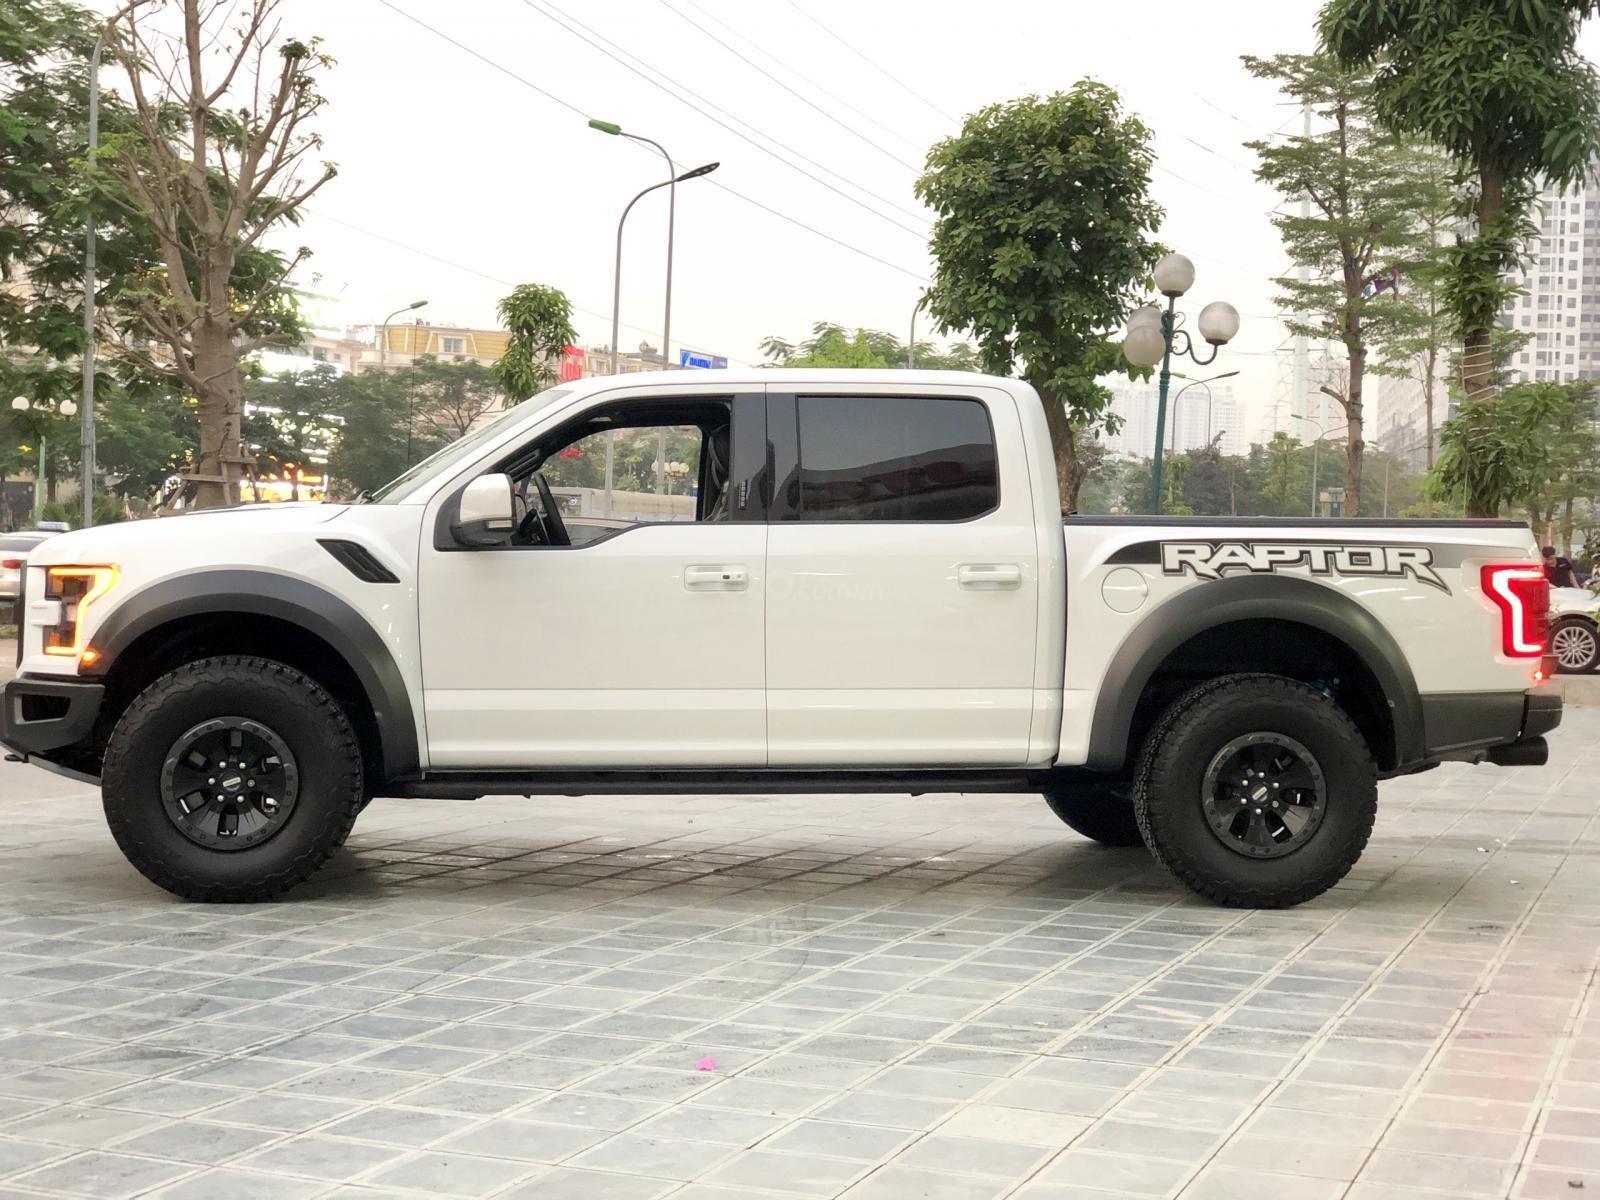 Bán siêu bán tải Ford F150 Raptor sản xuất 2020, LH Ms Hương giá tốt, giao ngay toàn quốc (8)